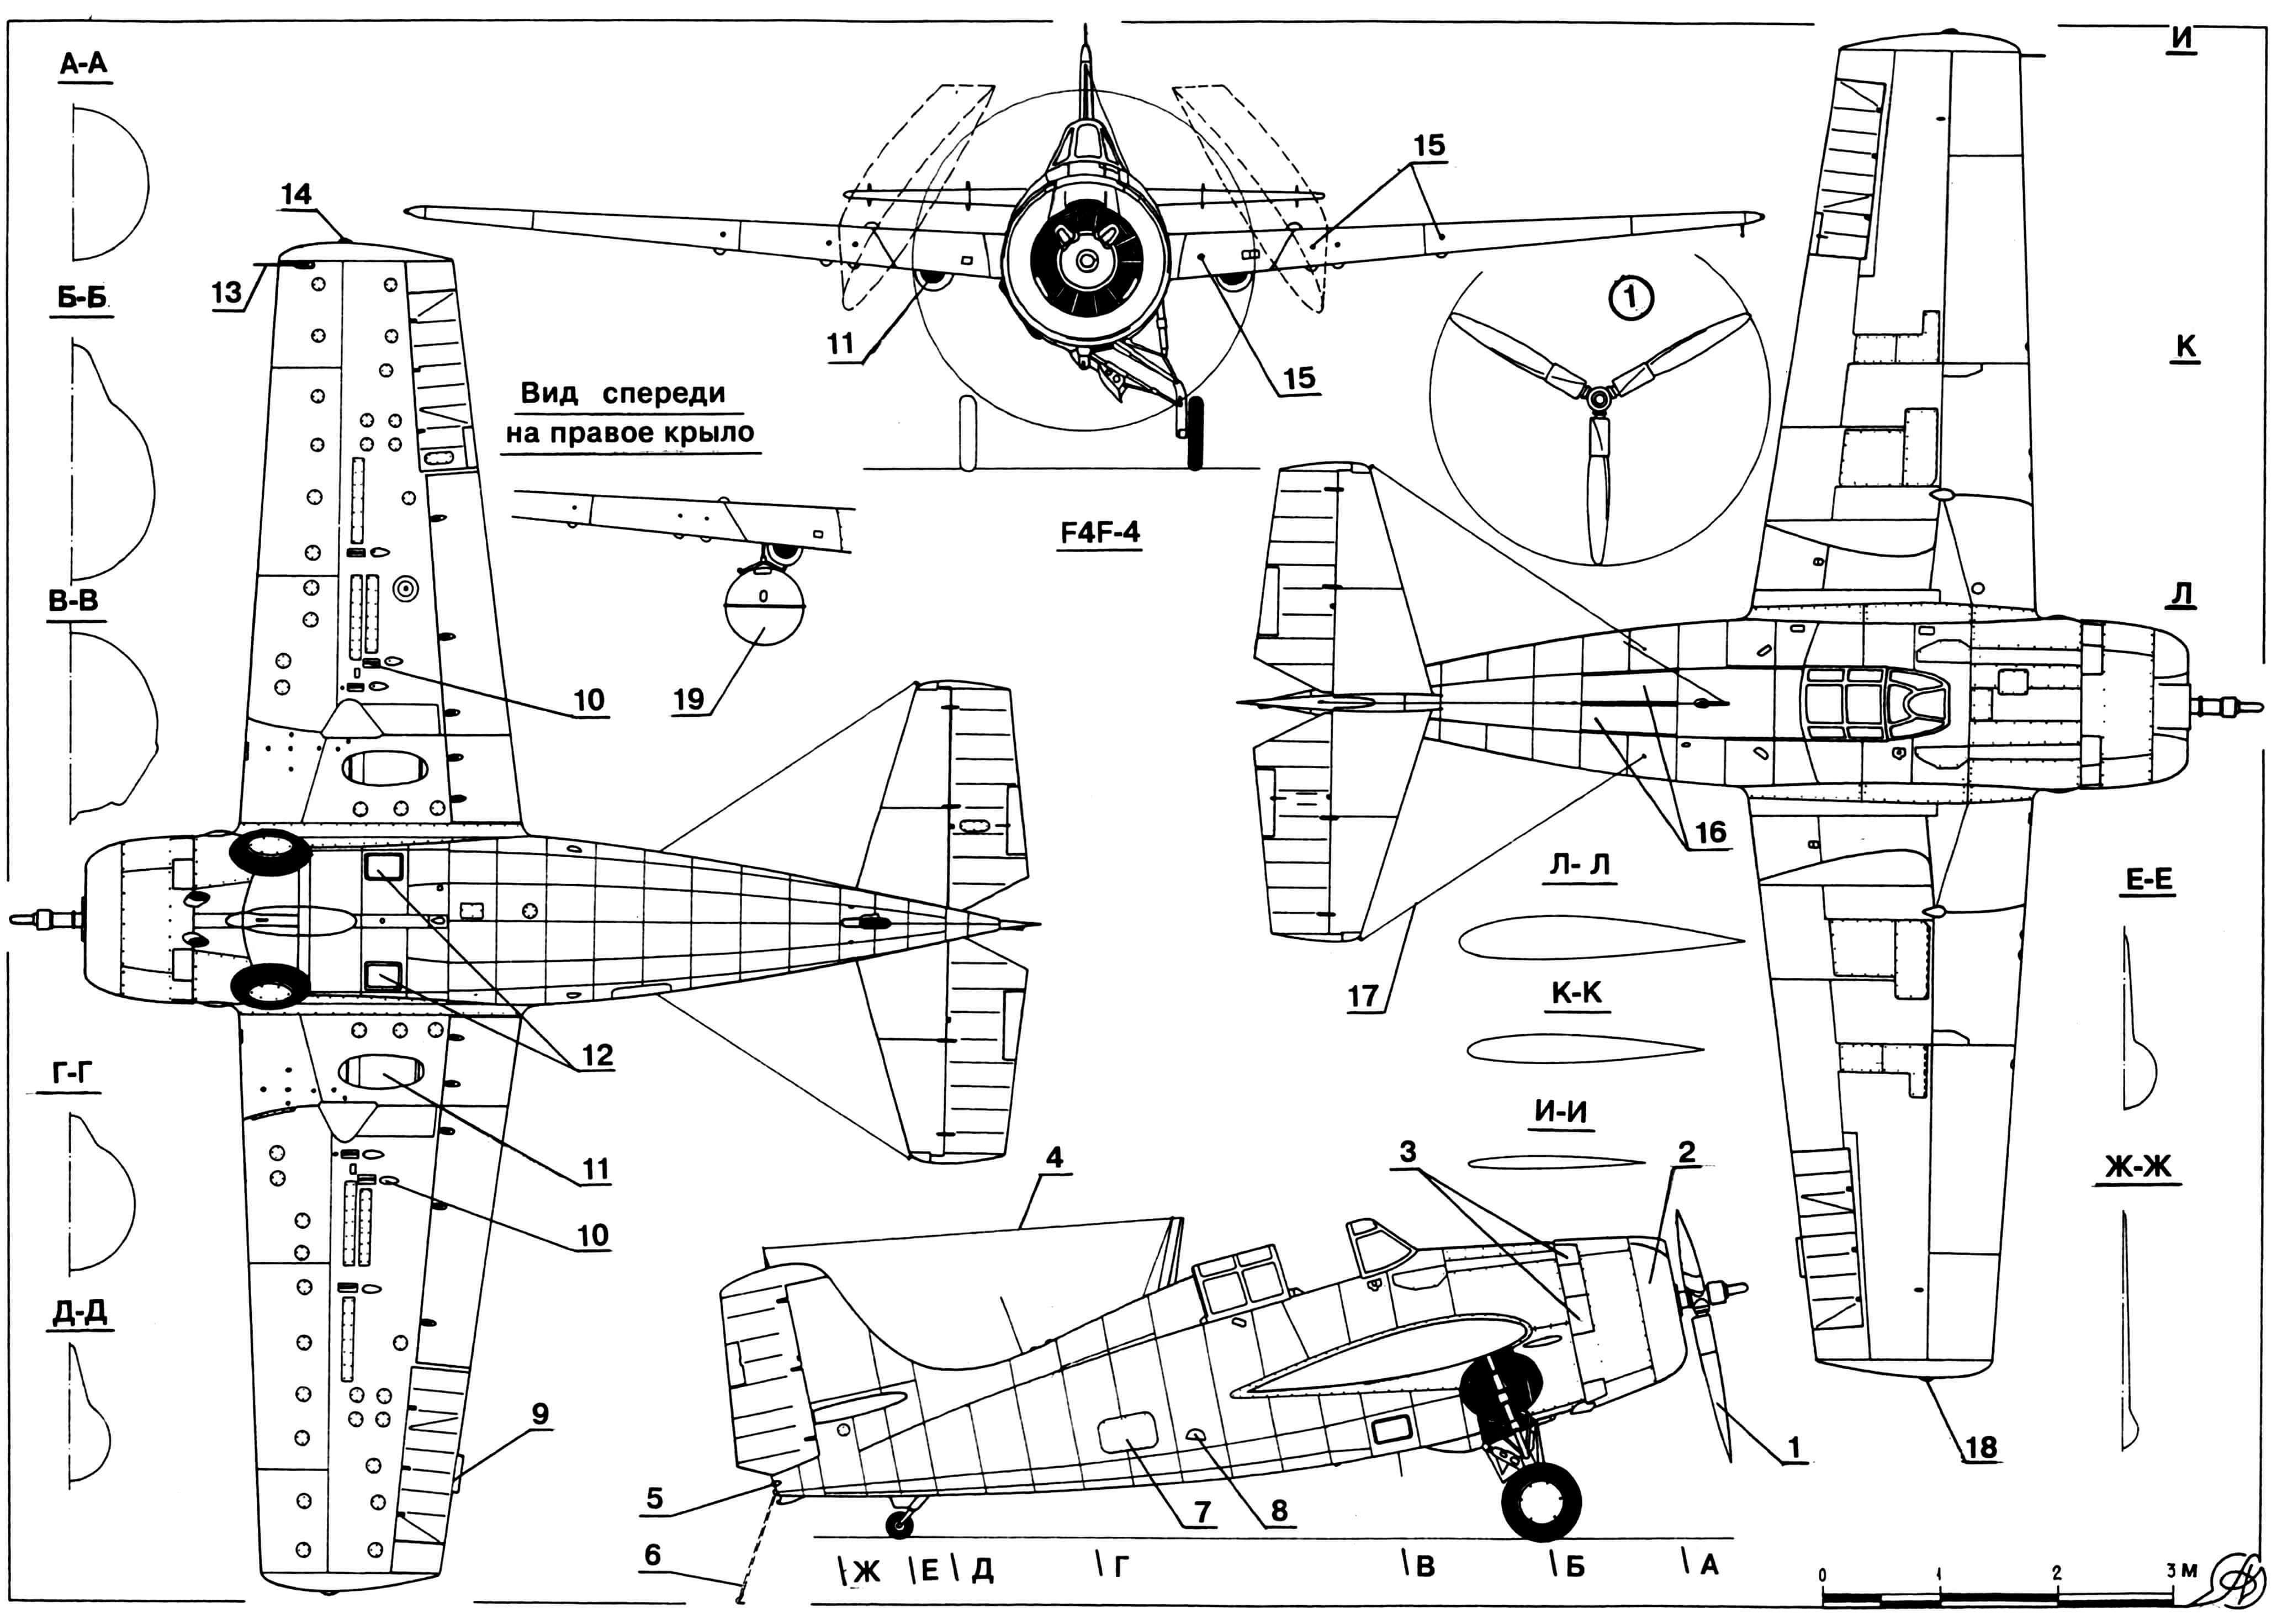 Истребитель WILDCAT: 1 — винт воздушный фирмы Curtiss Electric; 2 — воздухозаборник двигателя; 3 — створки системы охлаждения двигателя; 4 — антенна связной радиостанции; 5 — огонь строевой (белый); 6 — гак; 7 — люк отсека радиооборудования; 8 — подножка; 9 — триммер элерона; 10 — гильзо- и звеньеотводы; 11 — маслорадиатор; 12 — окна нижнего обзора; 13 — приемник воздушного давления (трубка Пито); 14 — огонь аэронавигационный (красный); 15 — порты пулеметные; 16 — створки отсека спасательной лодки; 17 — антенна системы опознавания «свой-чужой»; 18 — огонь аэронавигационный (зеленый); 19 — бак топливный подвесной; 20 — бомба калибра 45 кг.